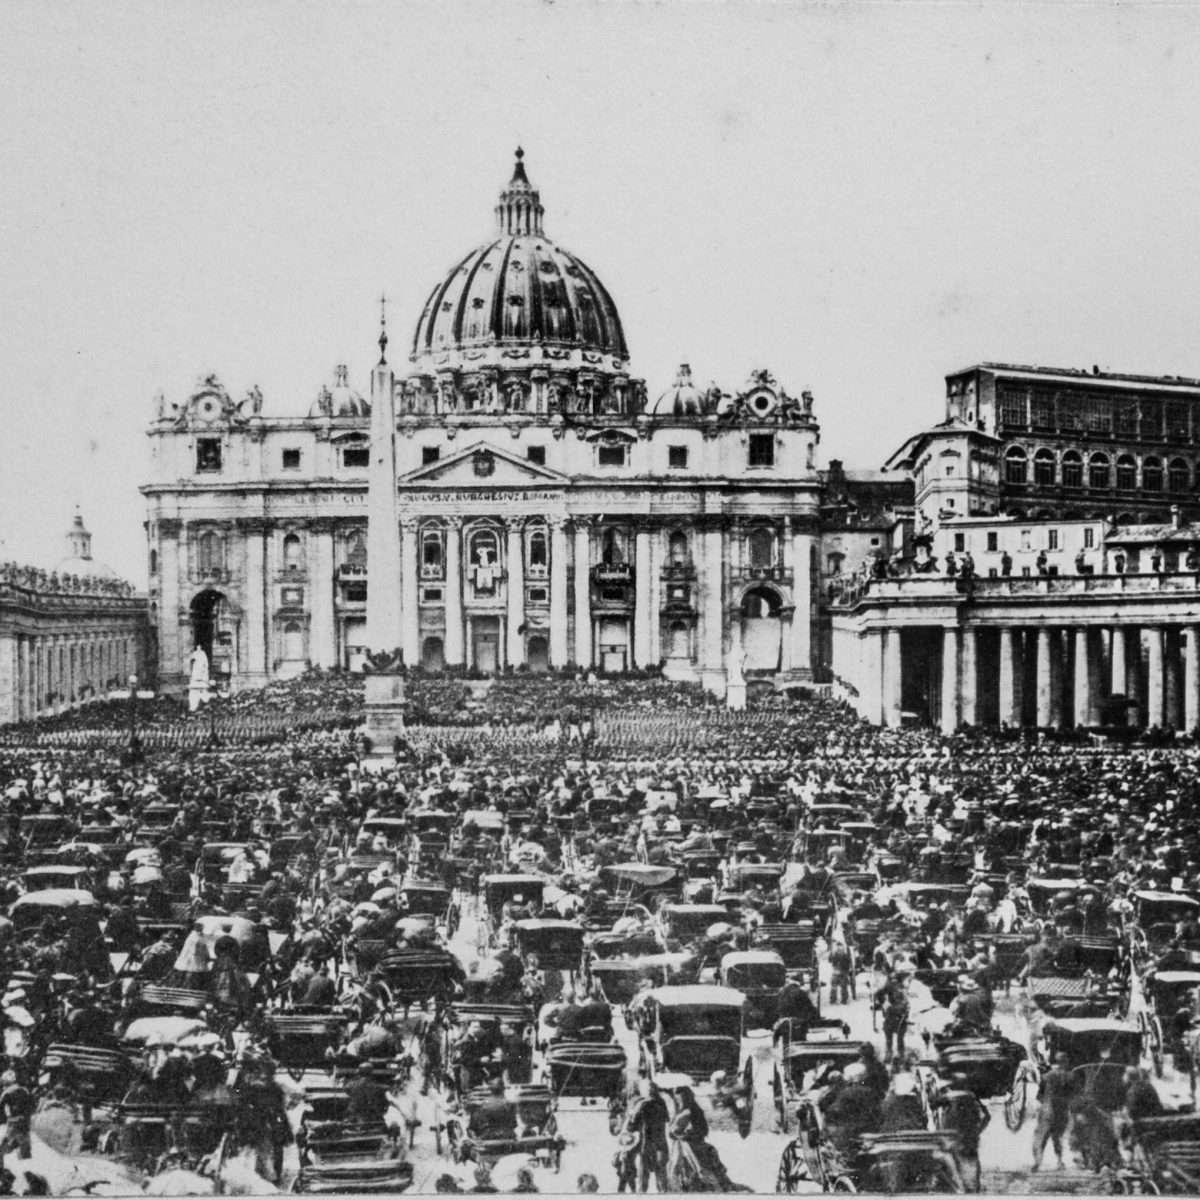 L-1090271 - Piazza San Pietro